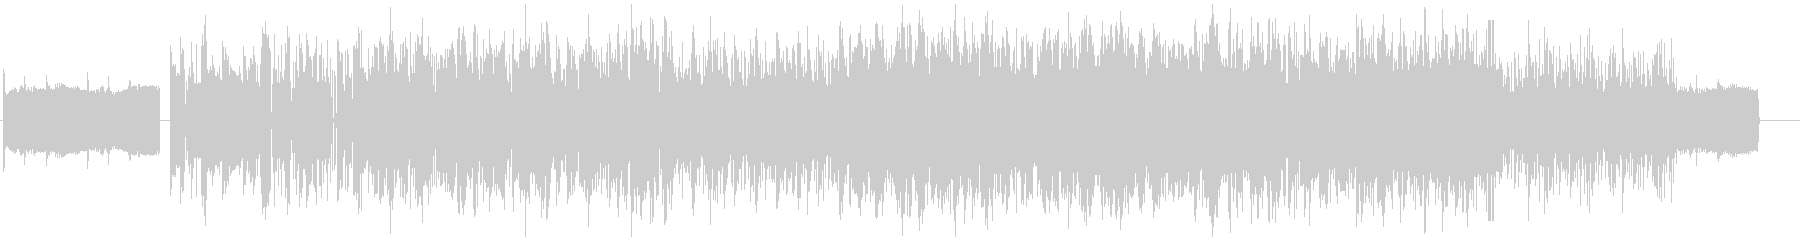 異世界に迷い込んだ様な電子音のBGMの未再生の波形